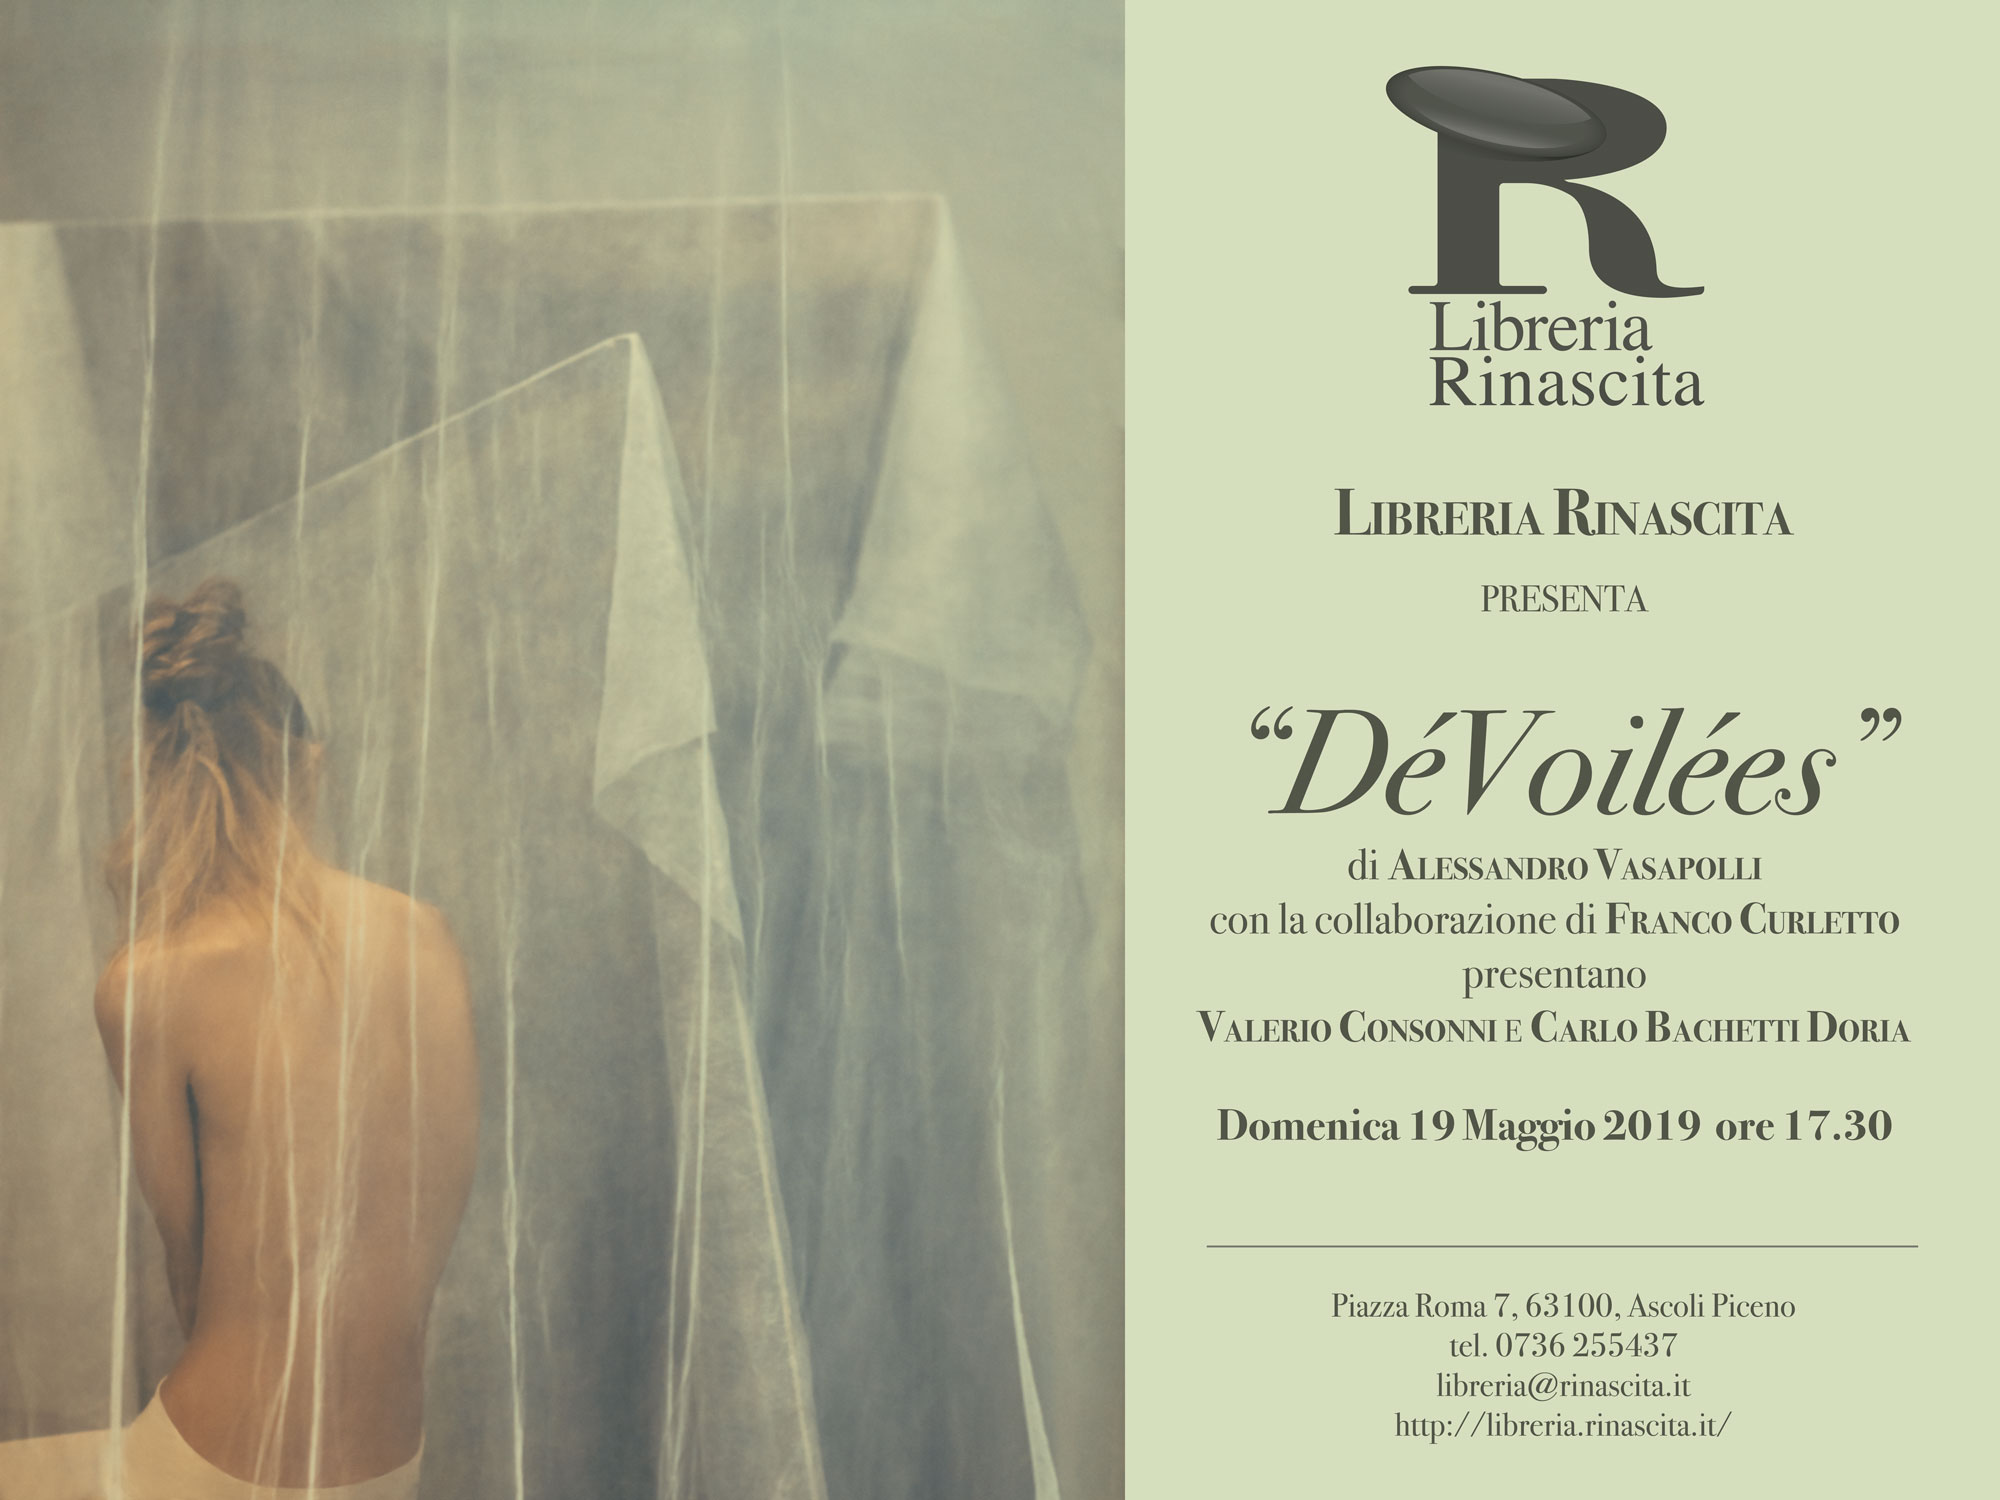 Presentazione_Libreria_La_Rinascita_19_05_2019_Alessandro_Vasapolli_Devoilees